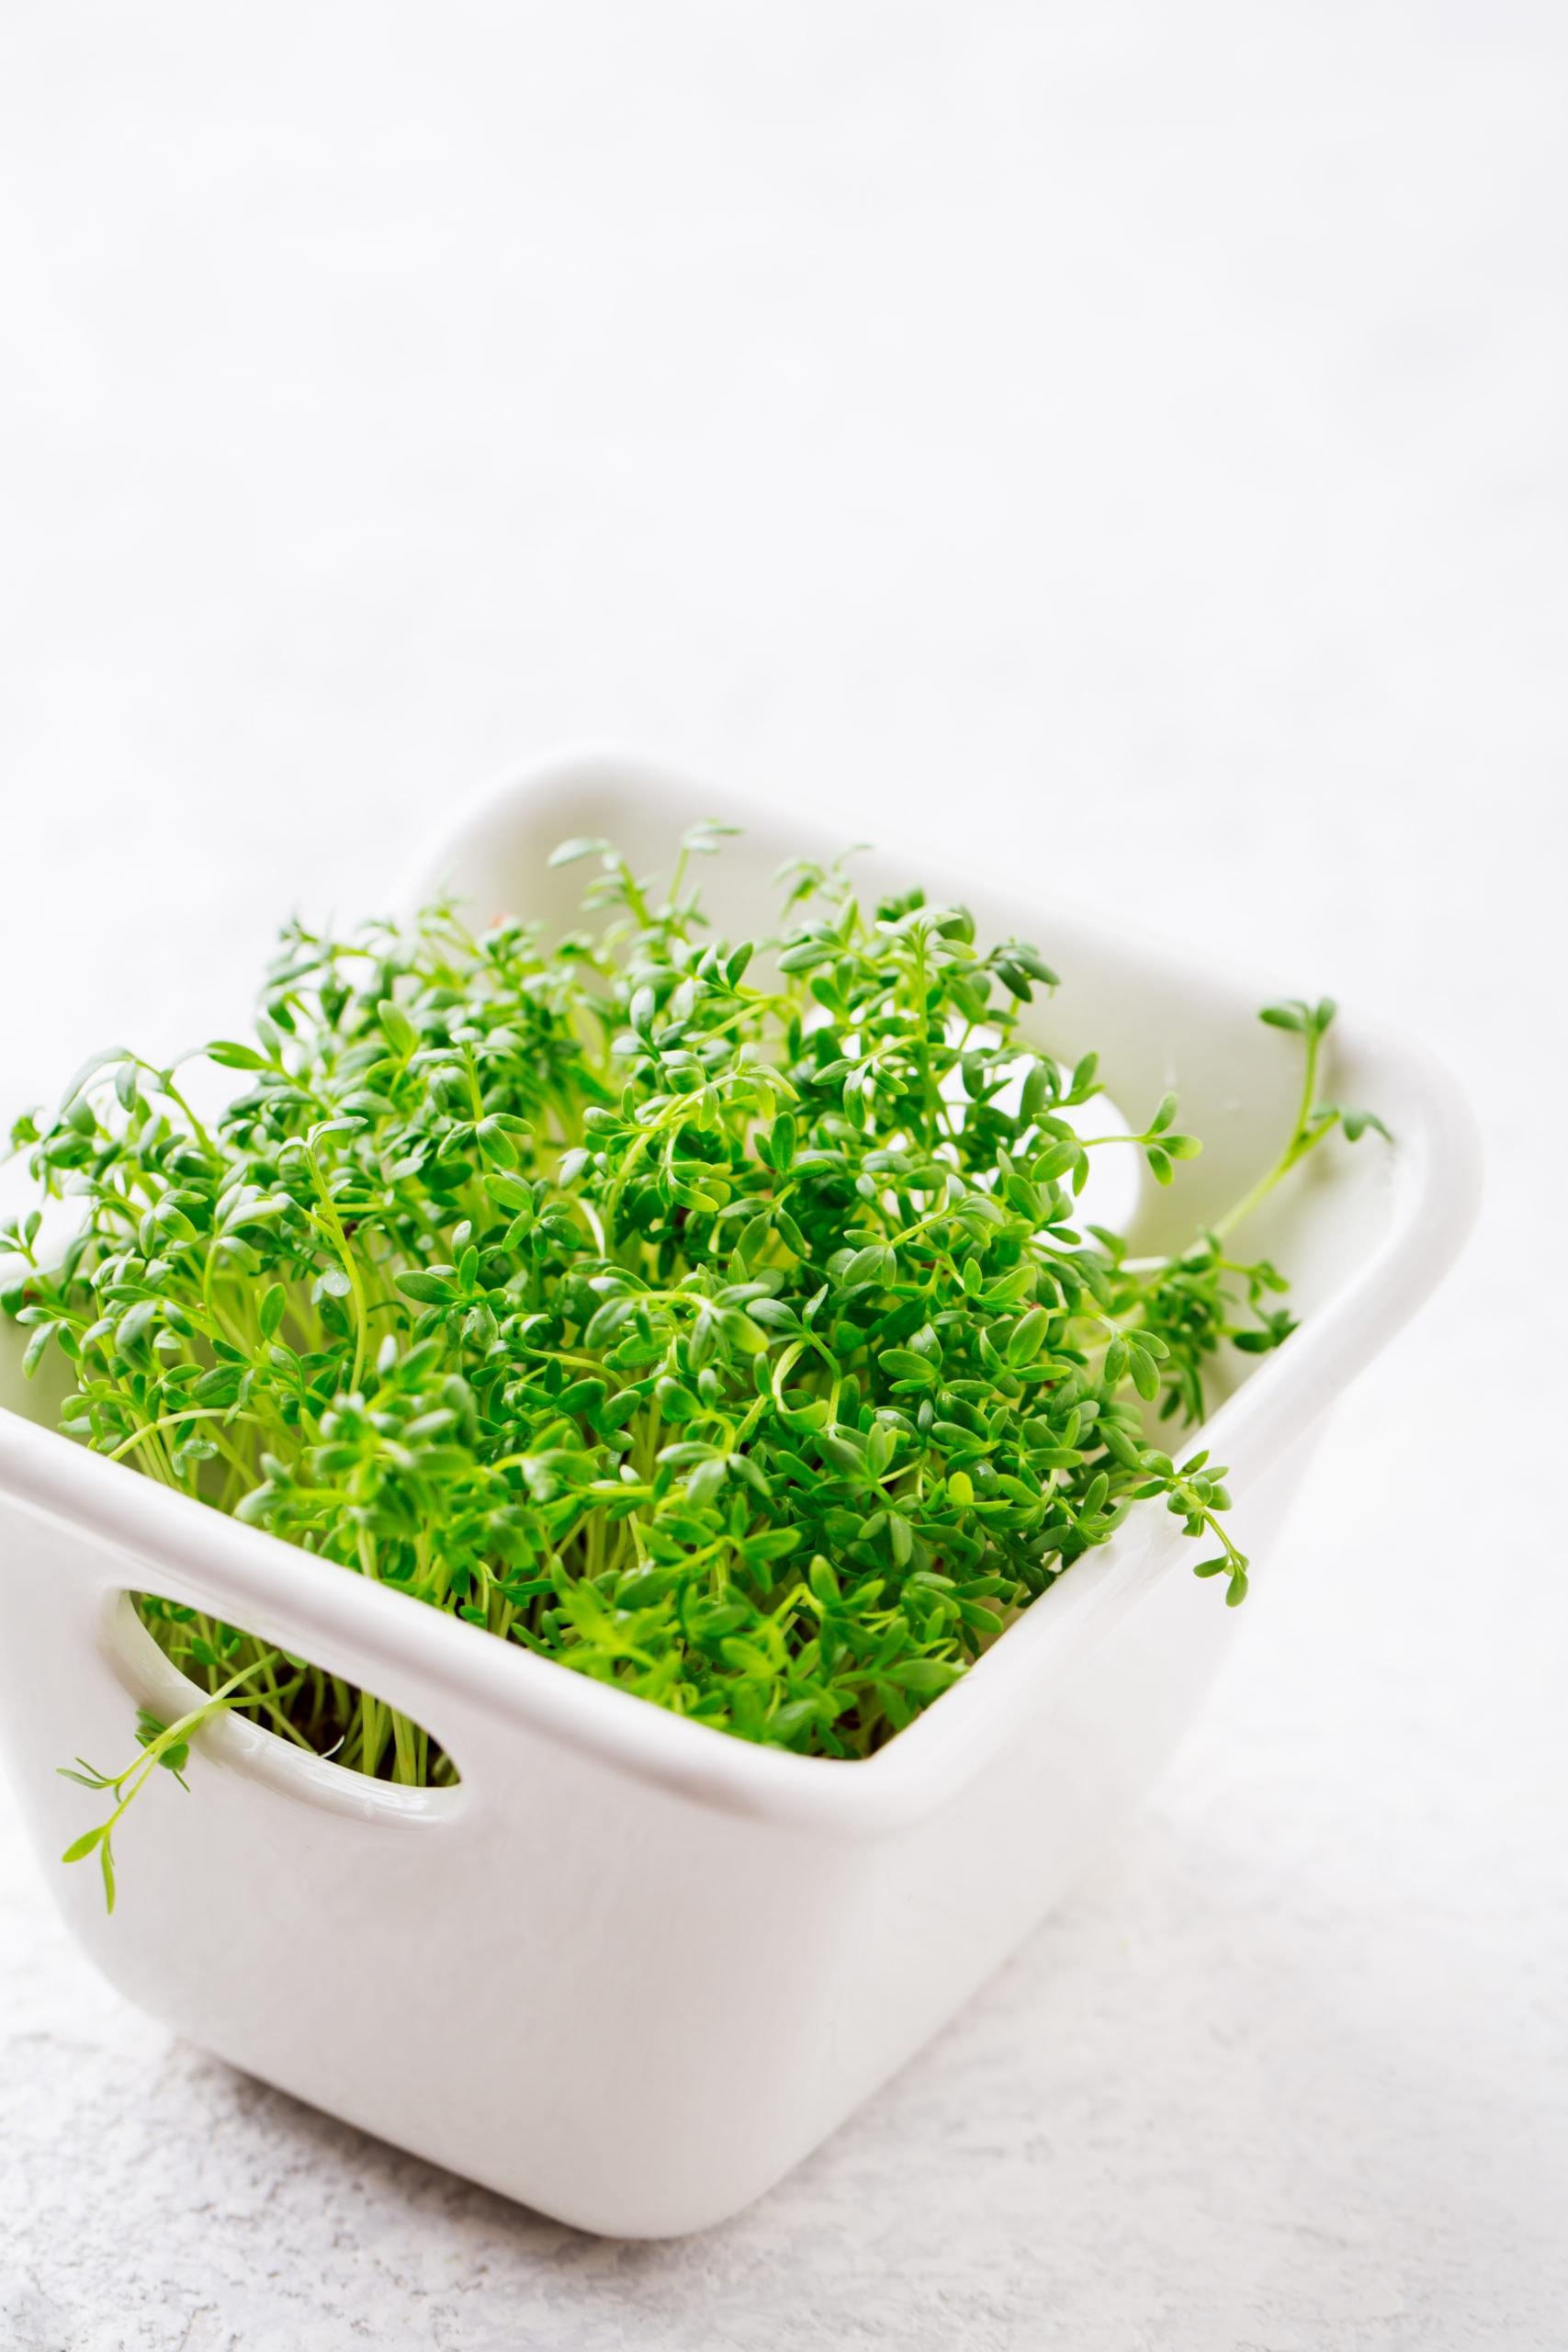 garden cress microgreens